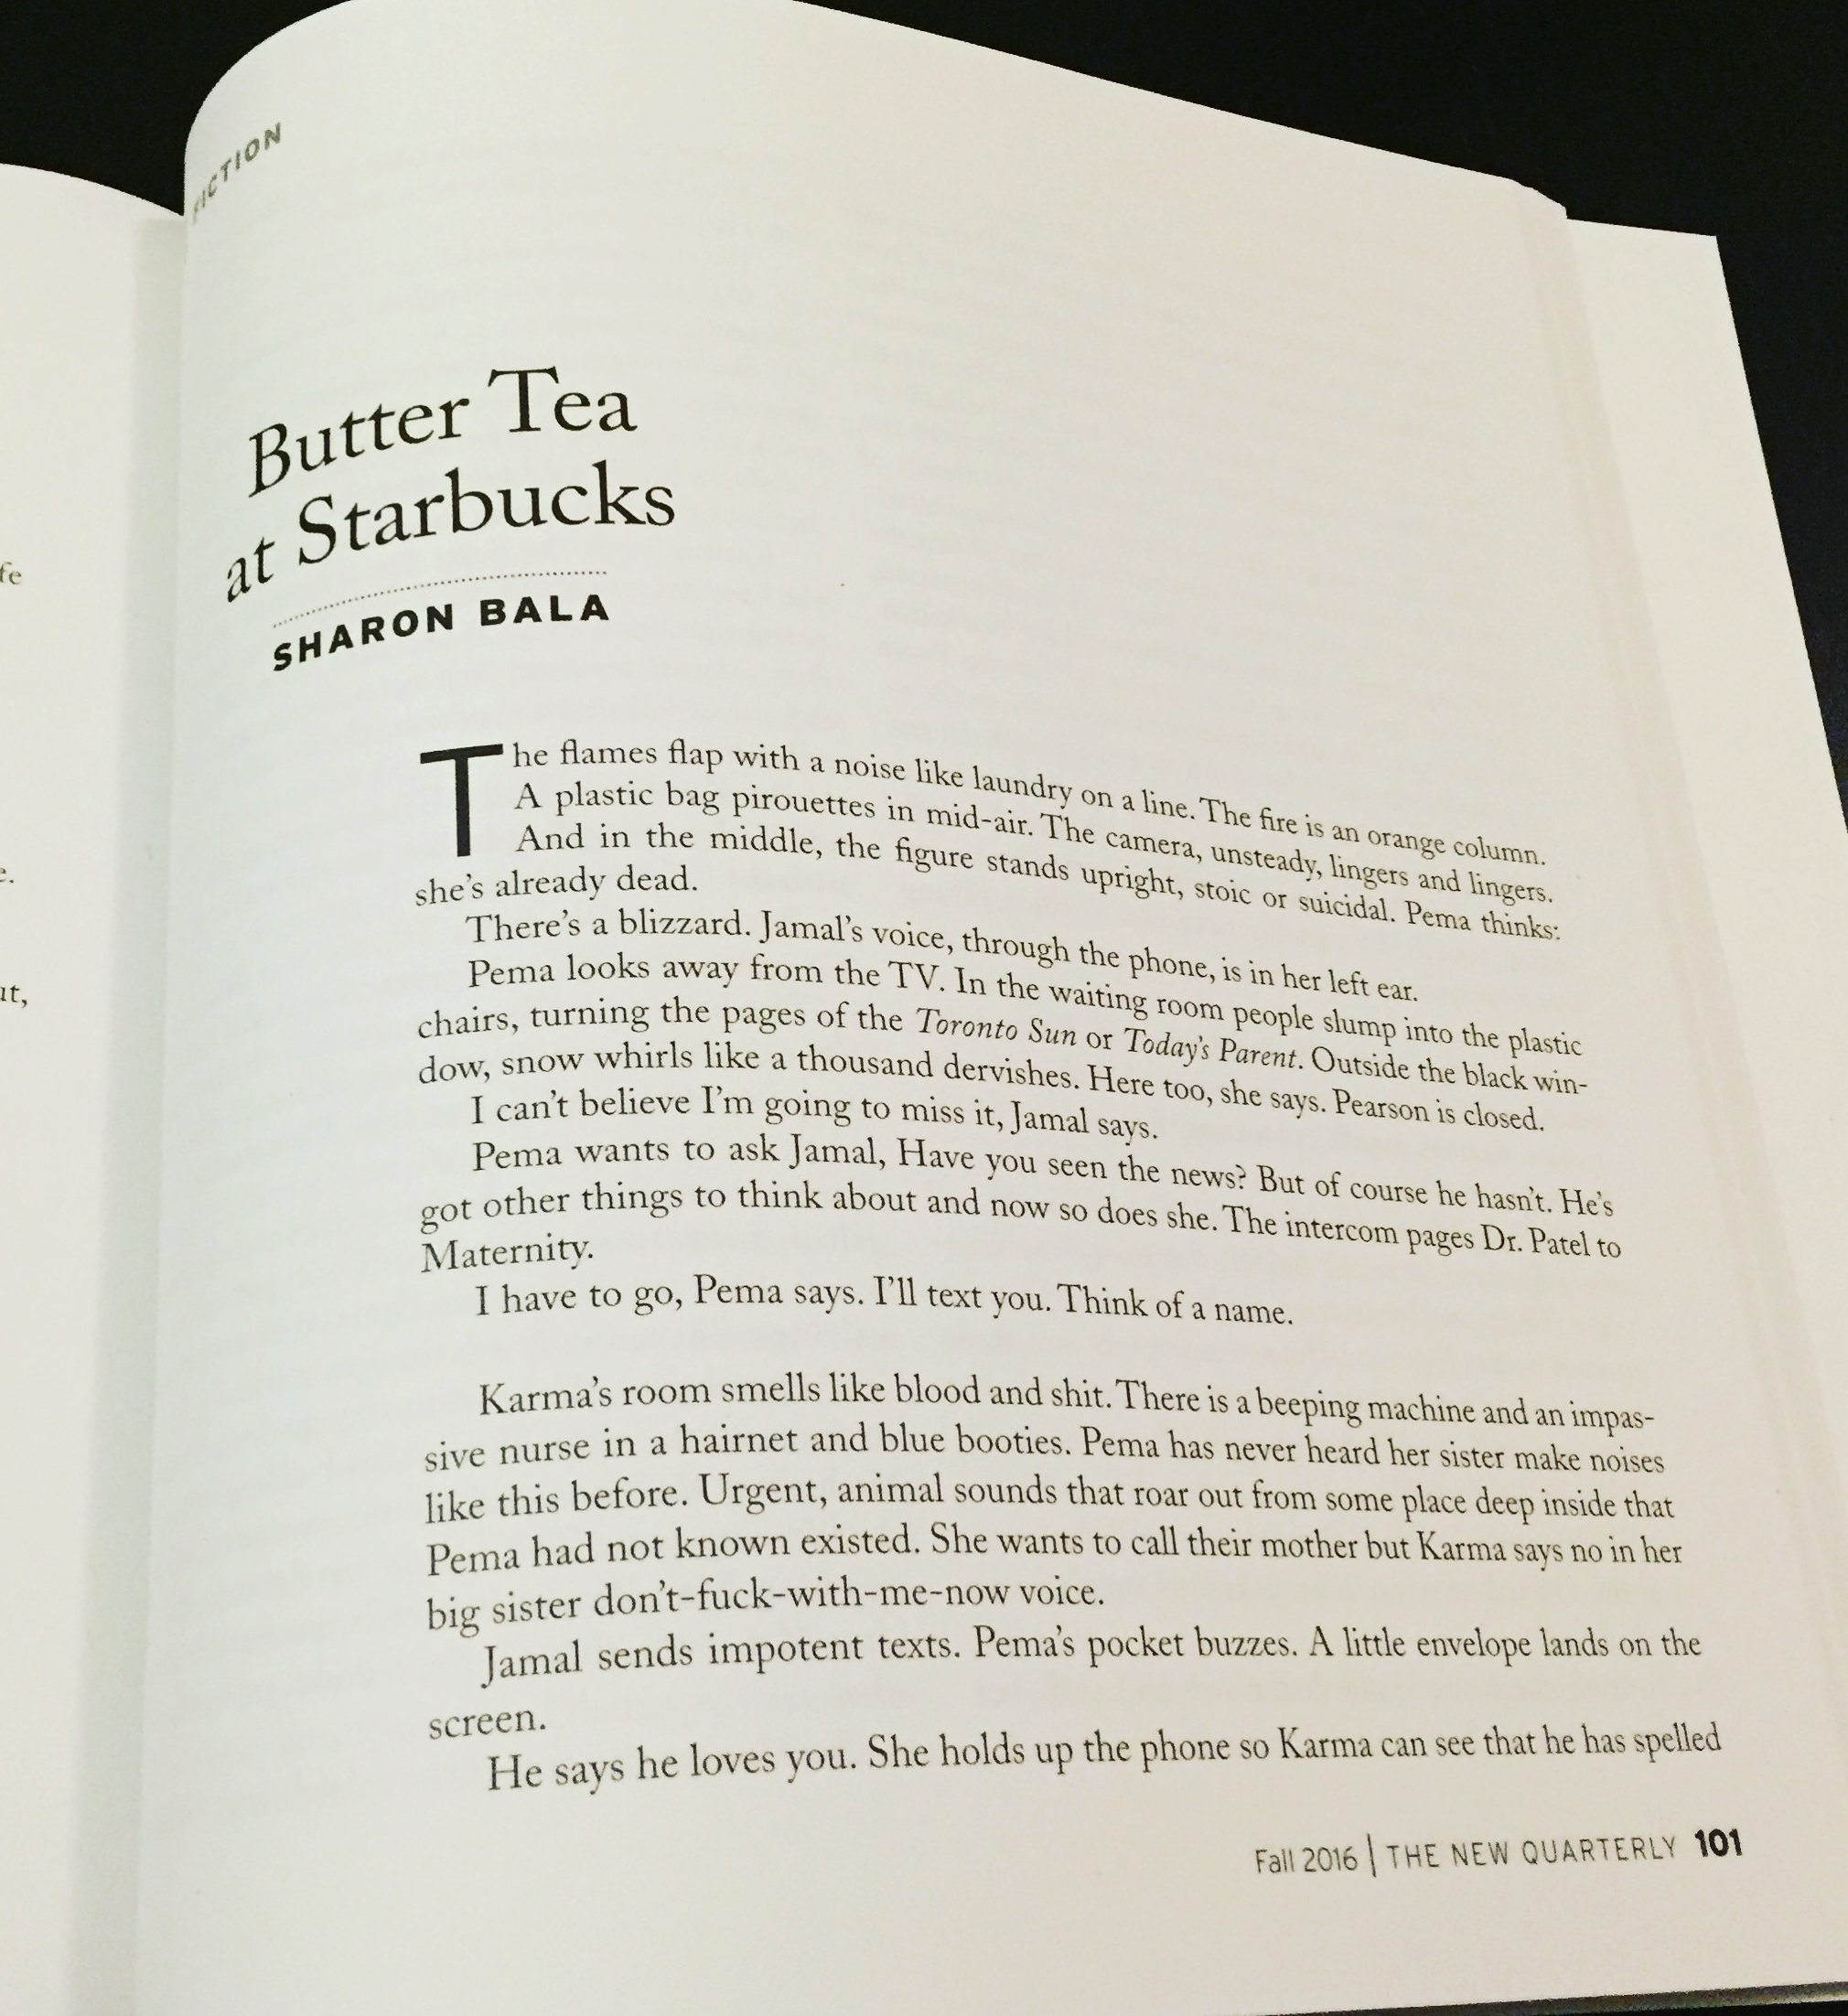 Butter tea by Sharon Bala